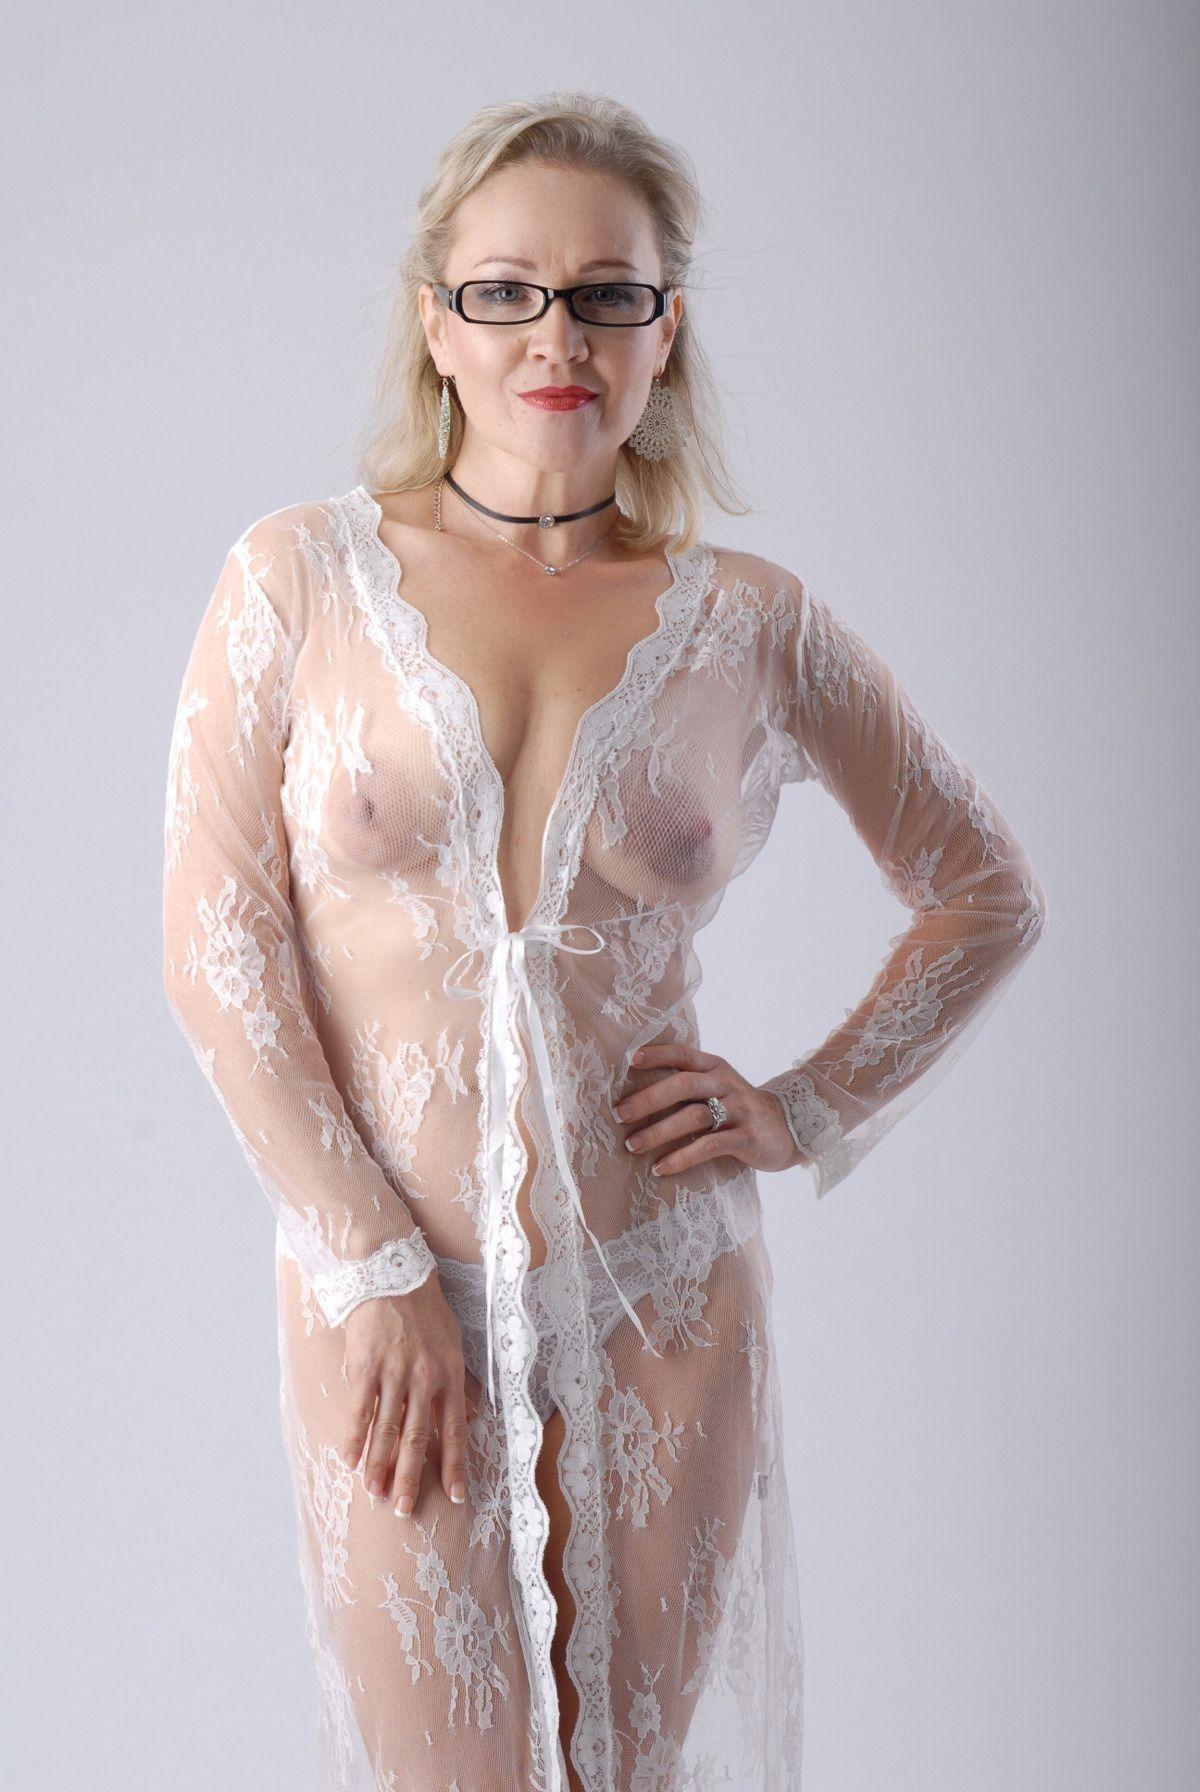 Amateur bridget nude naked